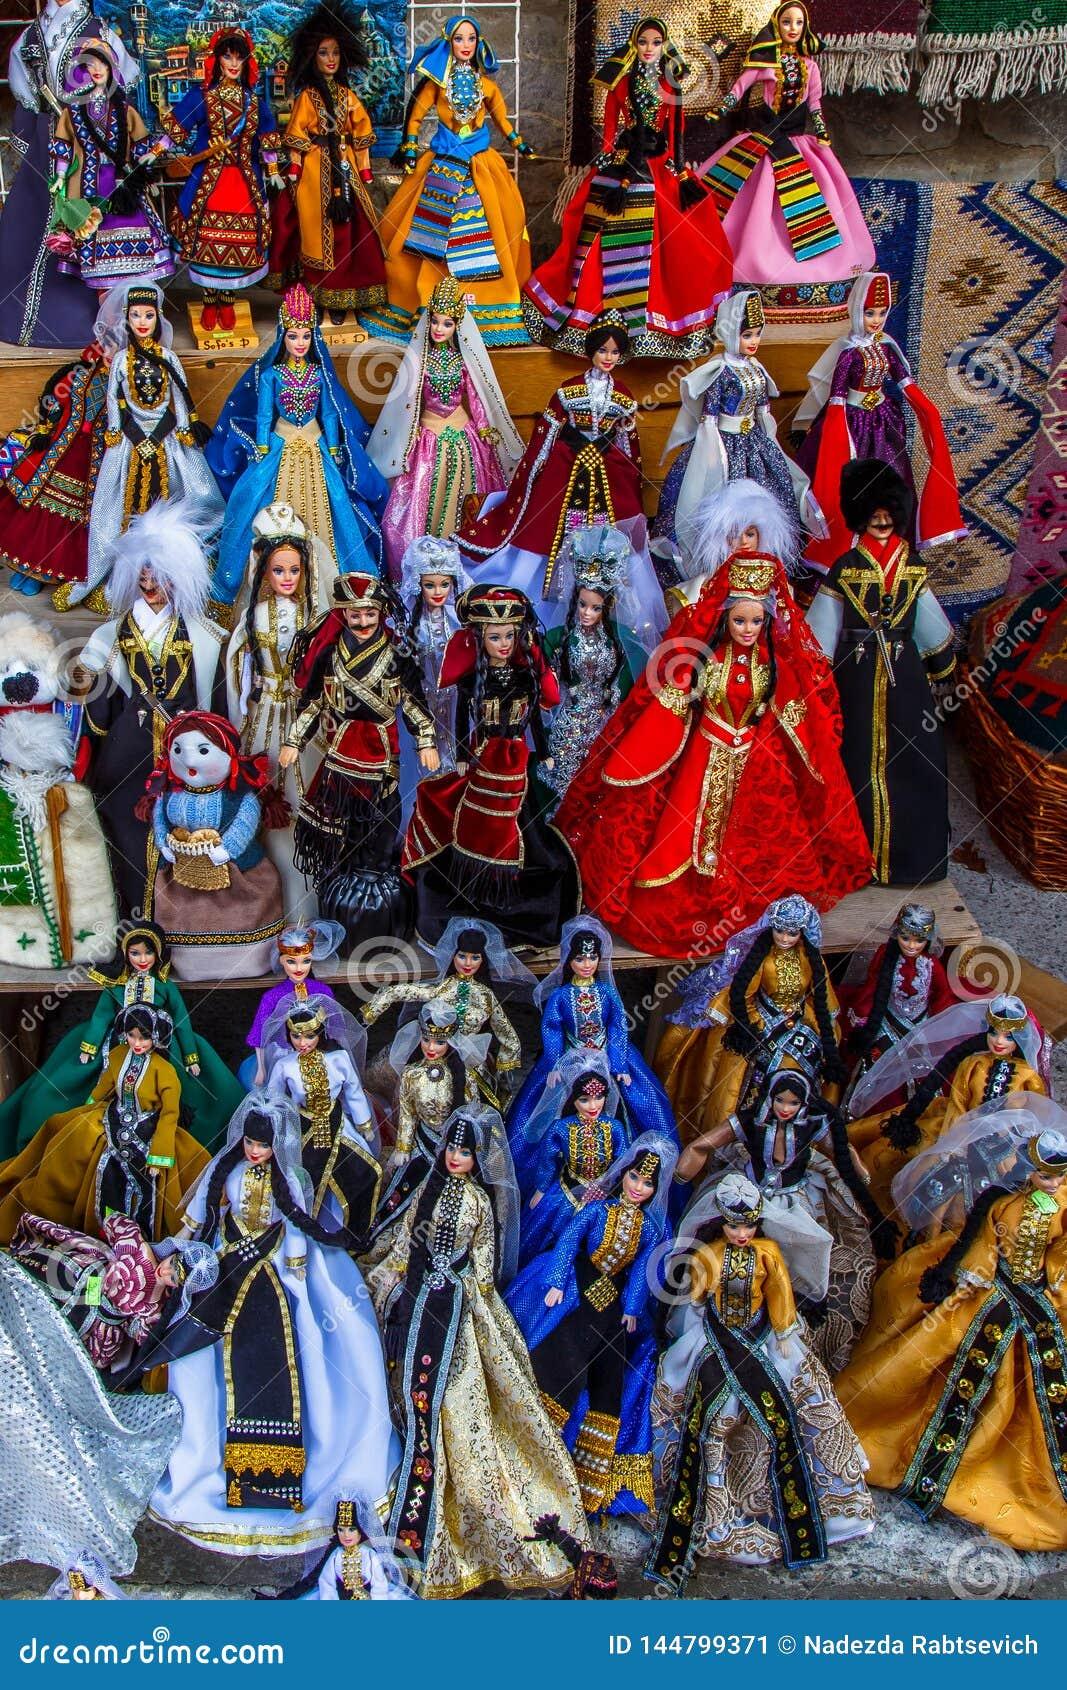 Brinquedos e figuras tradicionais de Georgians como lembran?as